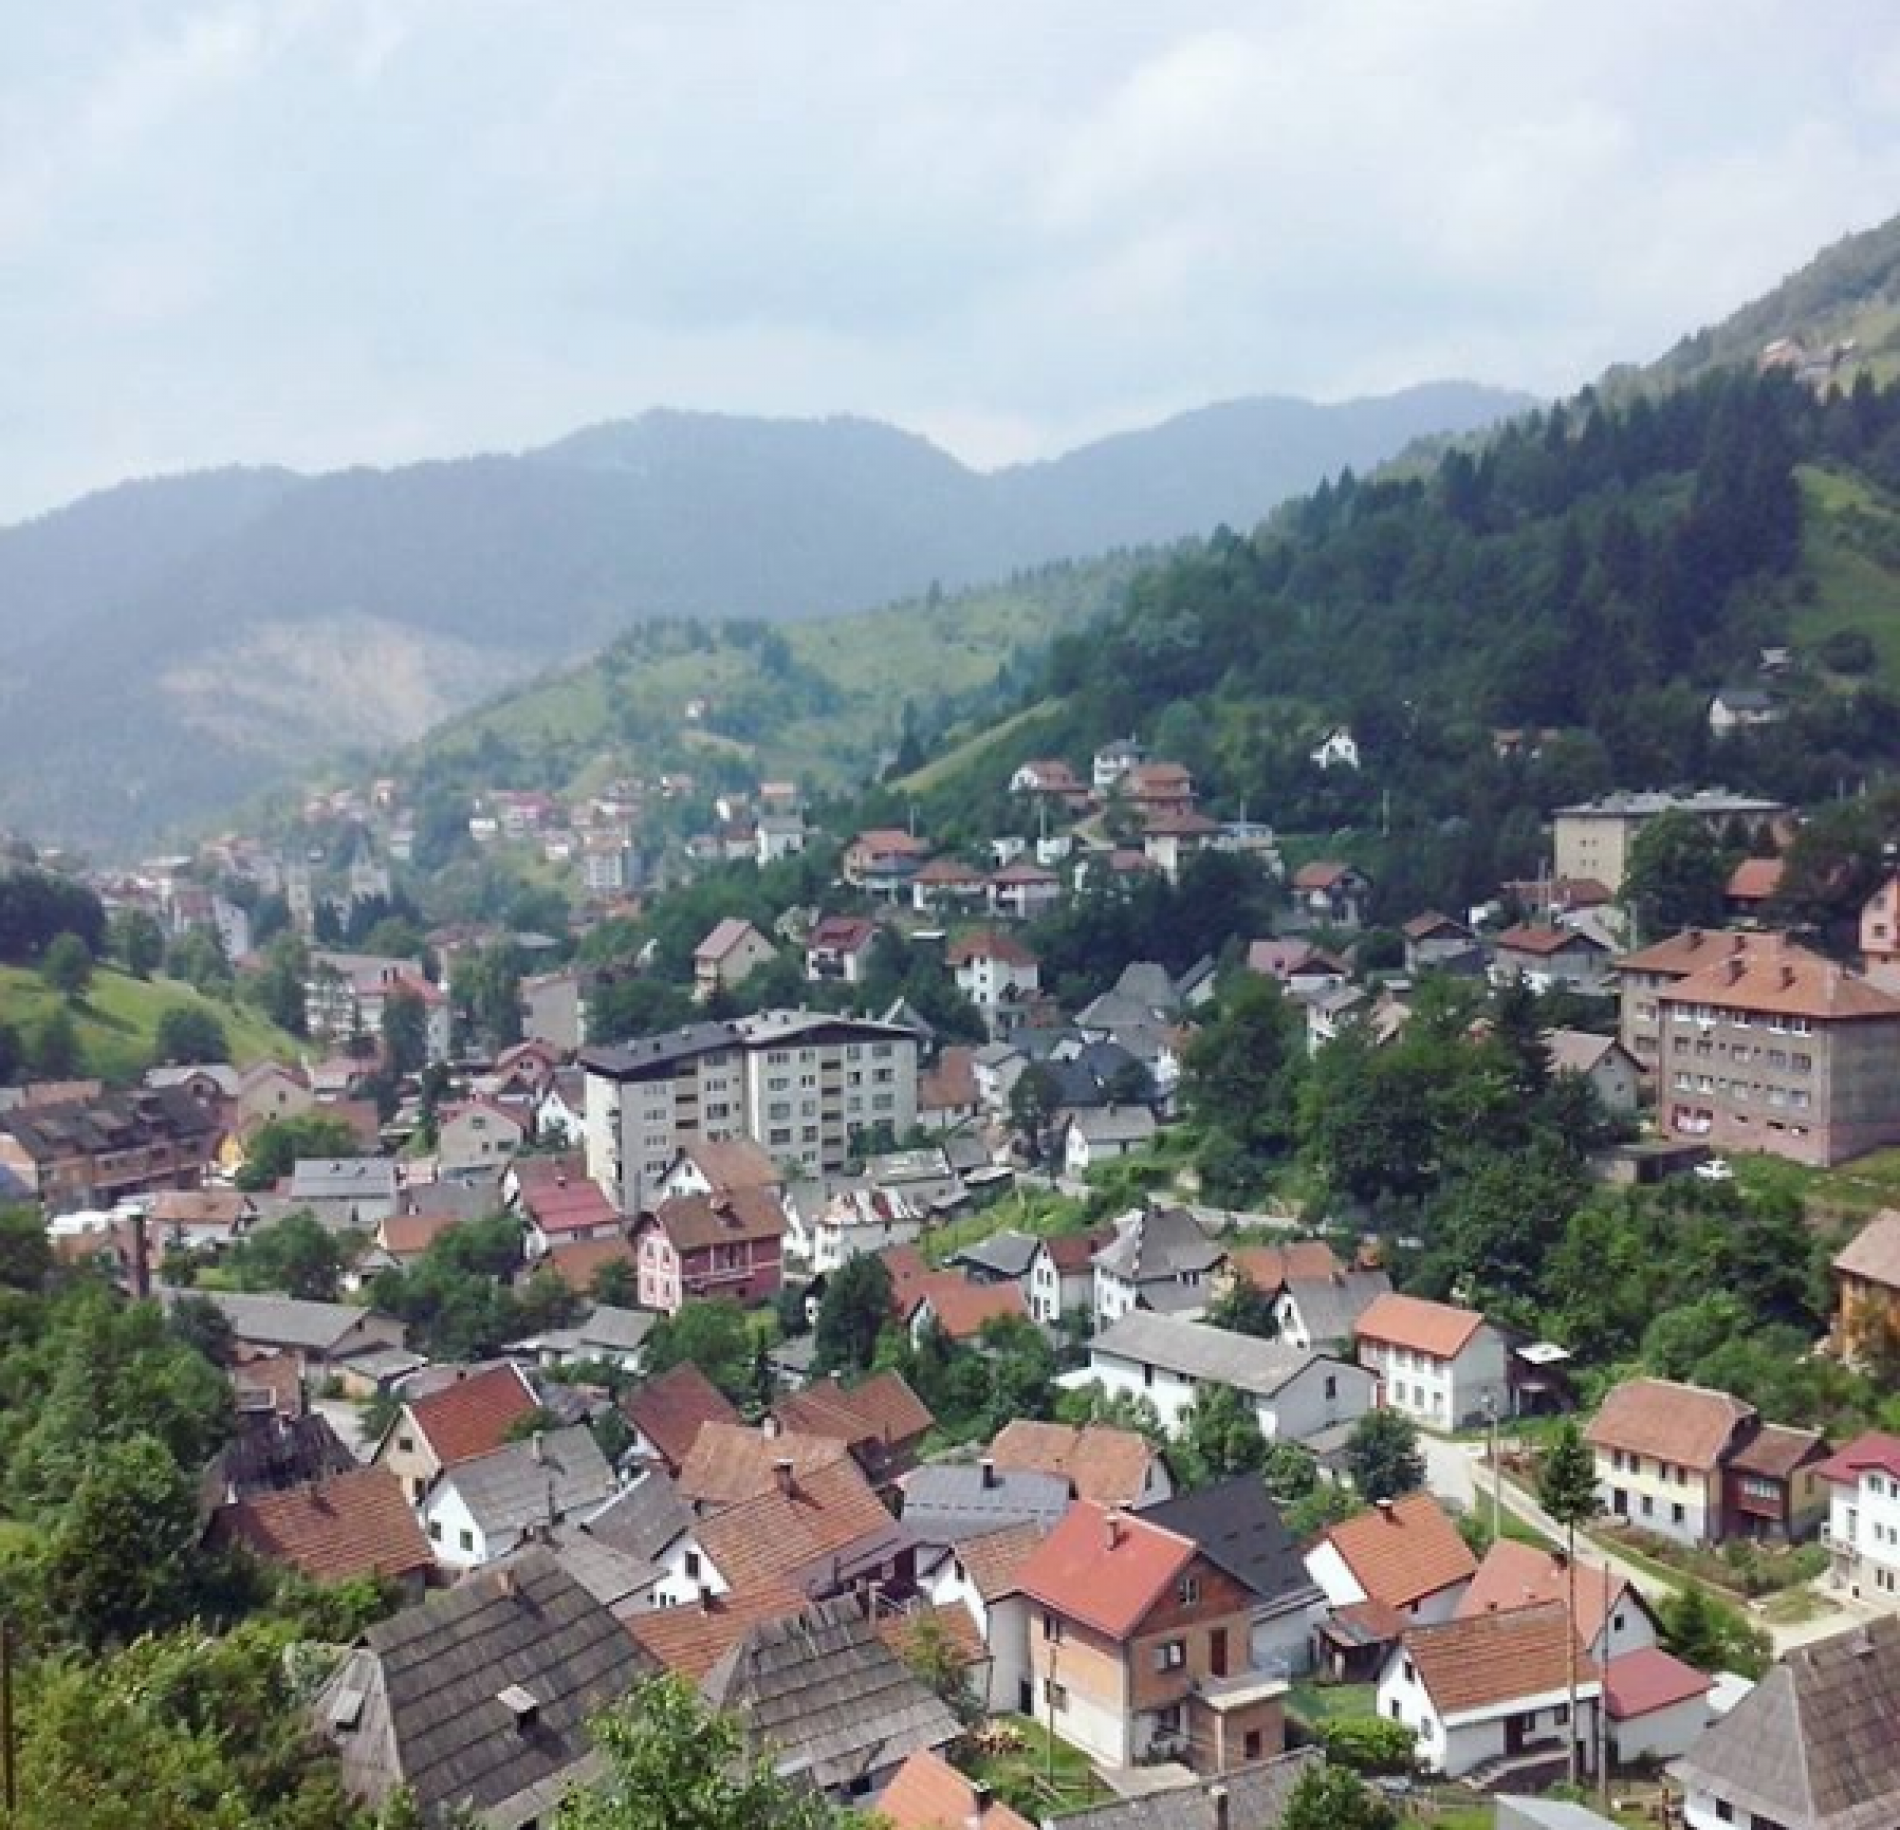 Australijska kompanija 'namirisala' veliko bogatstvo u Bosni: Tone zlata u Varešu!